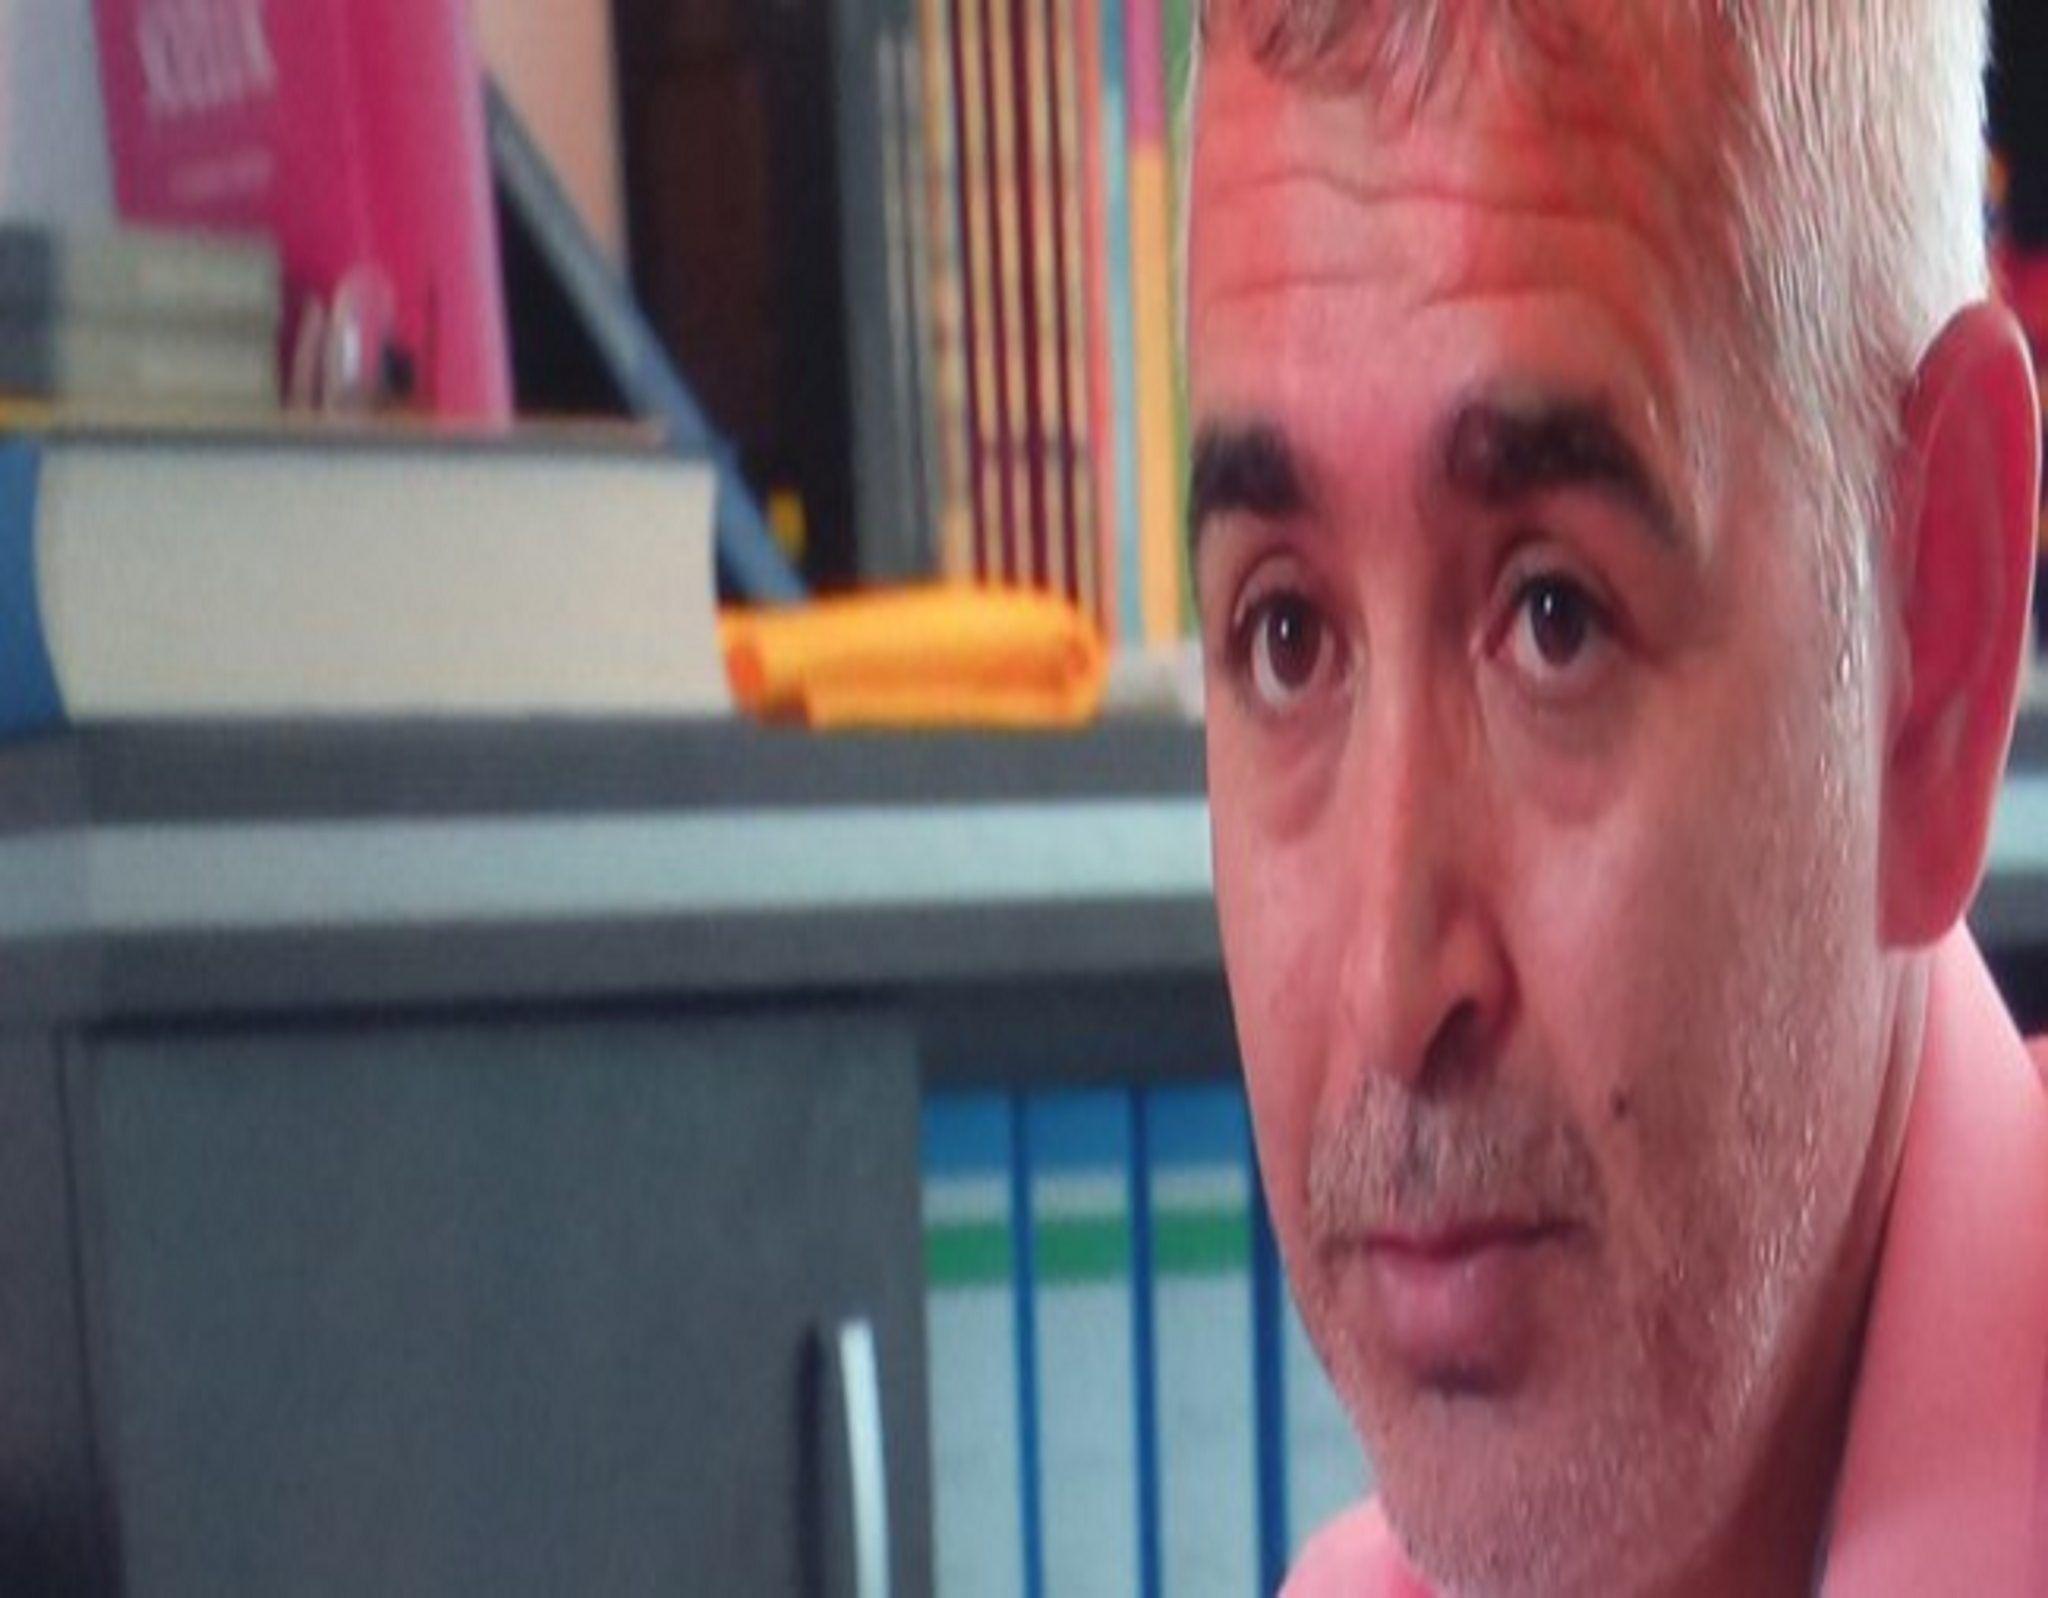 Danimarka'da yaşayan Hasan Cücük hakkında FETÖ soruşturması kapsamında gözaltı çıkarıldı